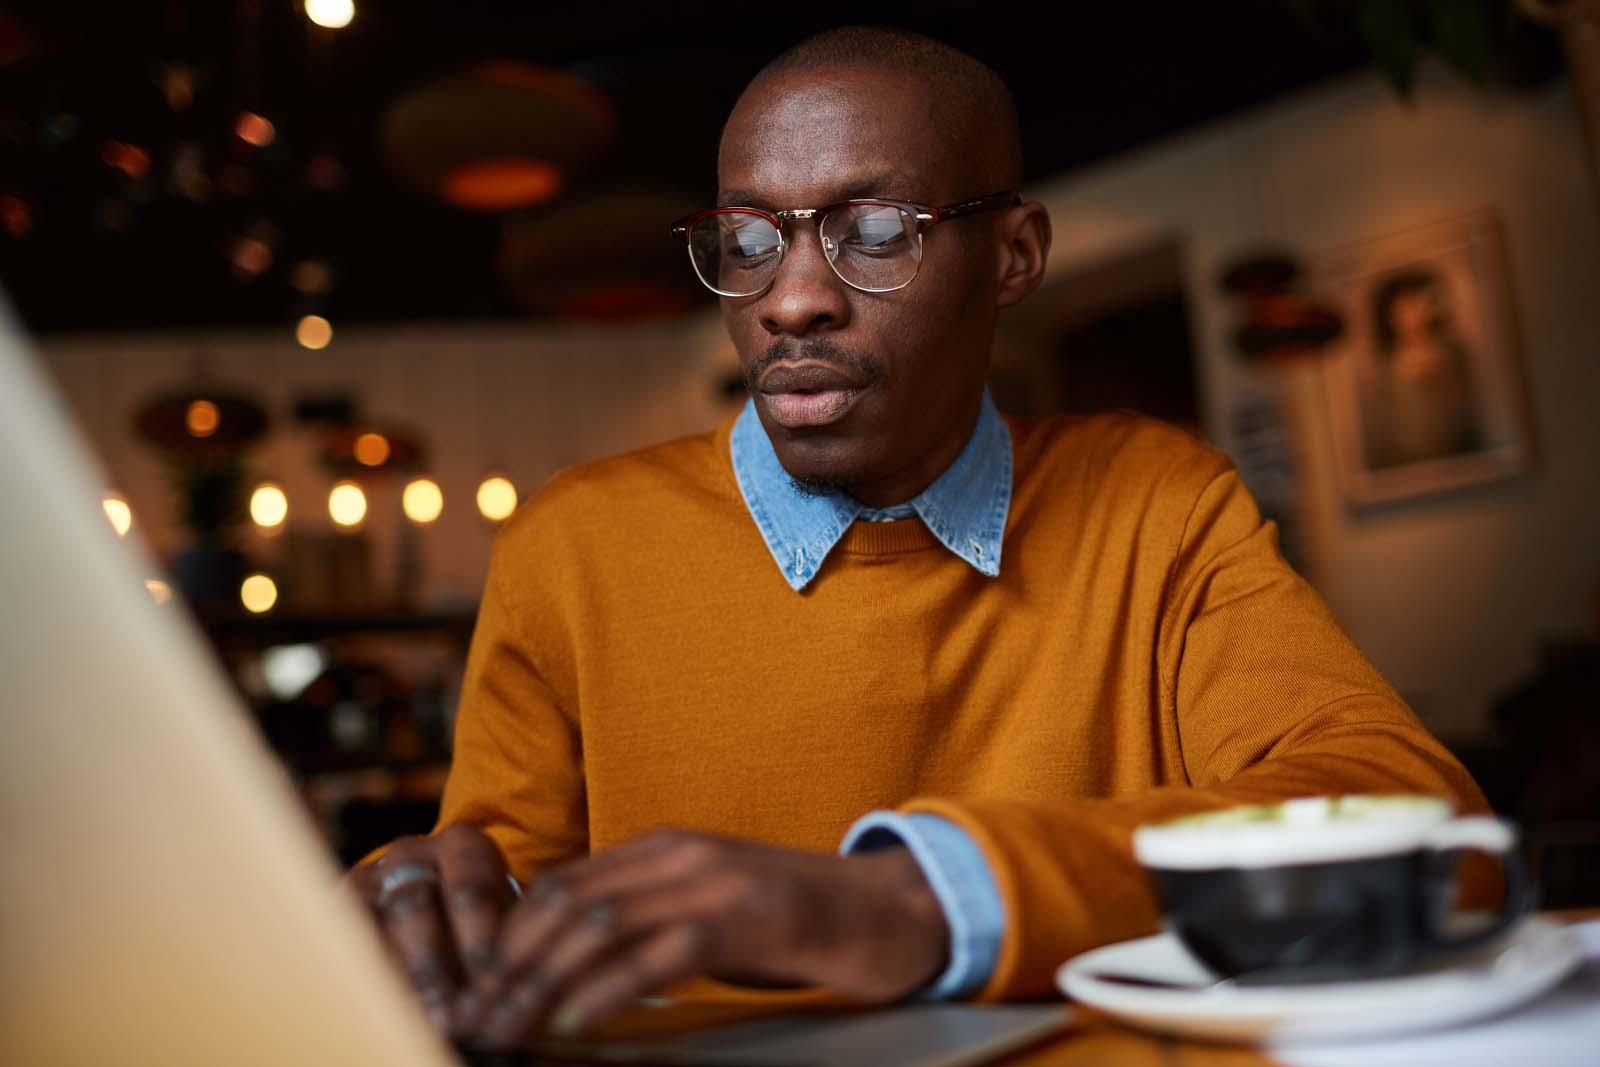 freelance guy working hard on his laptop